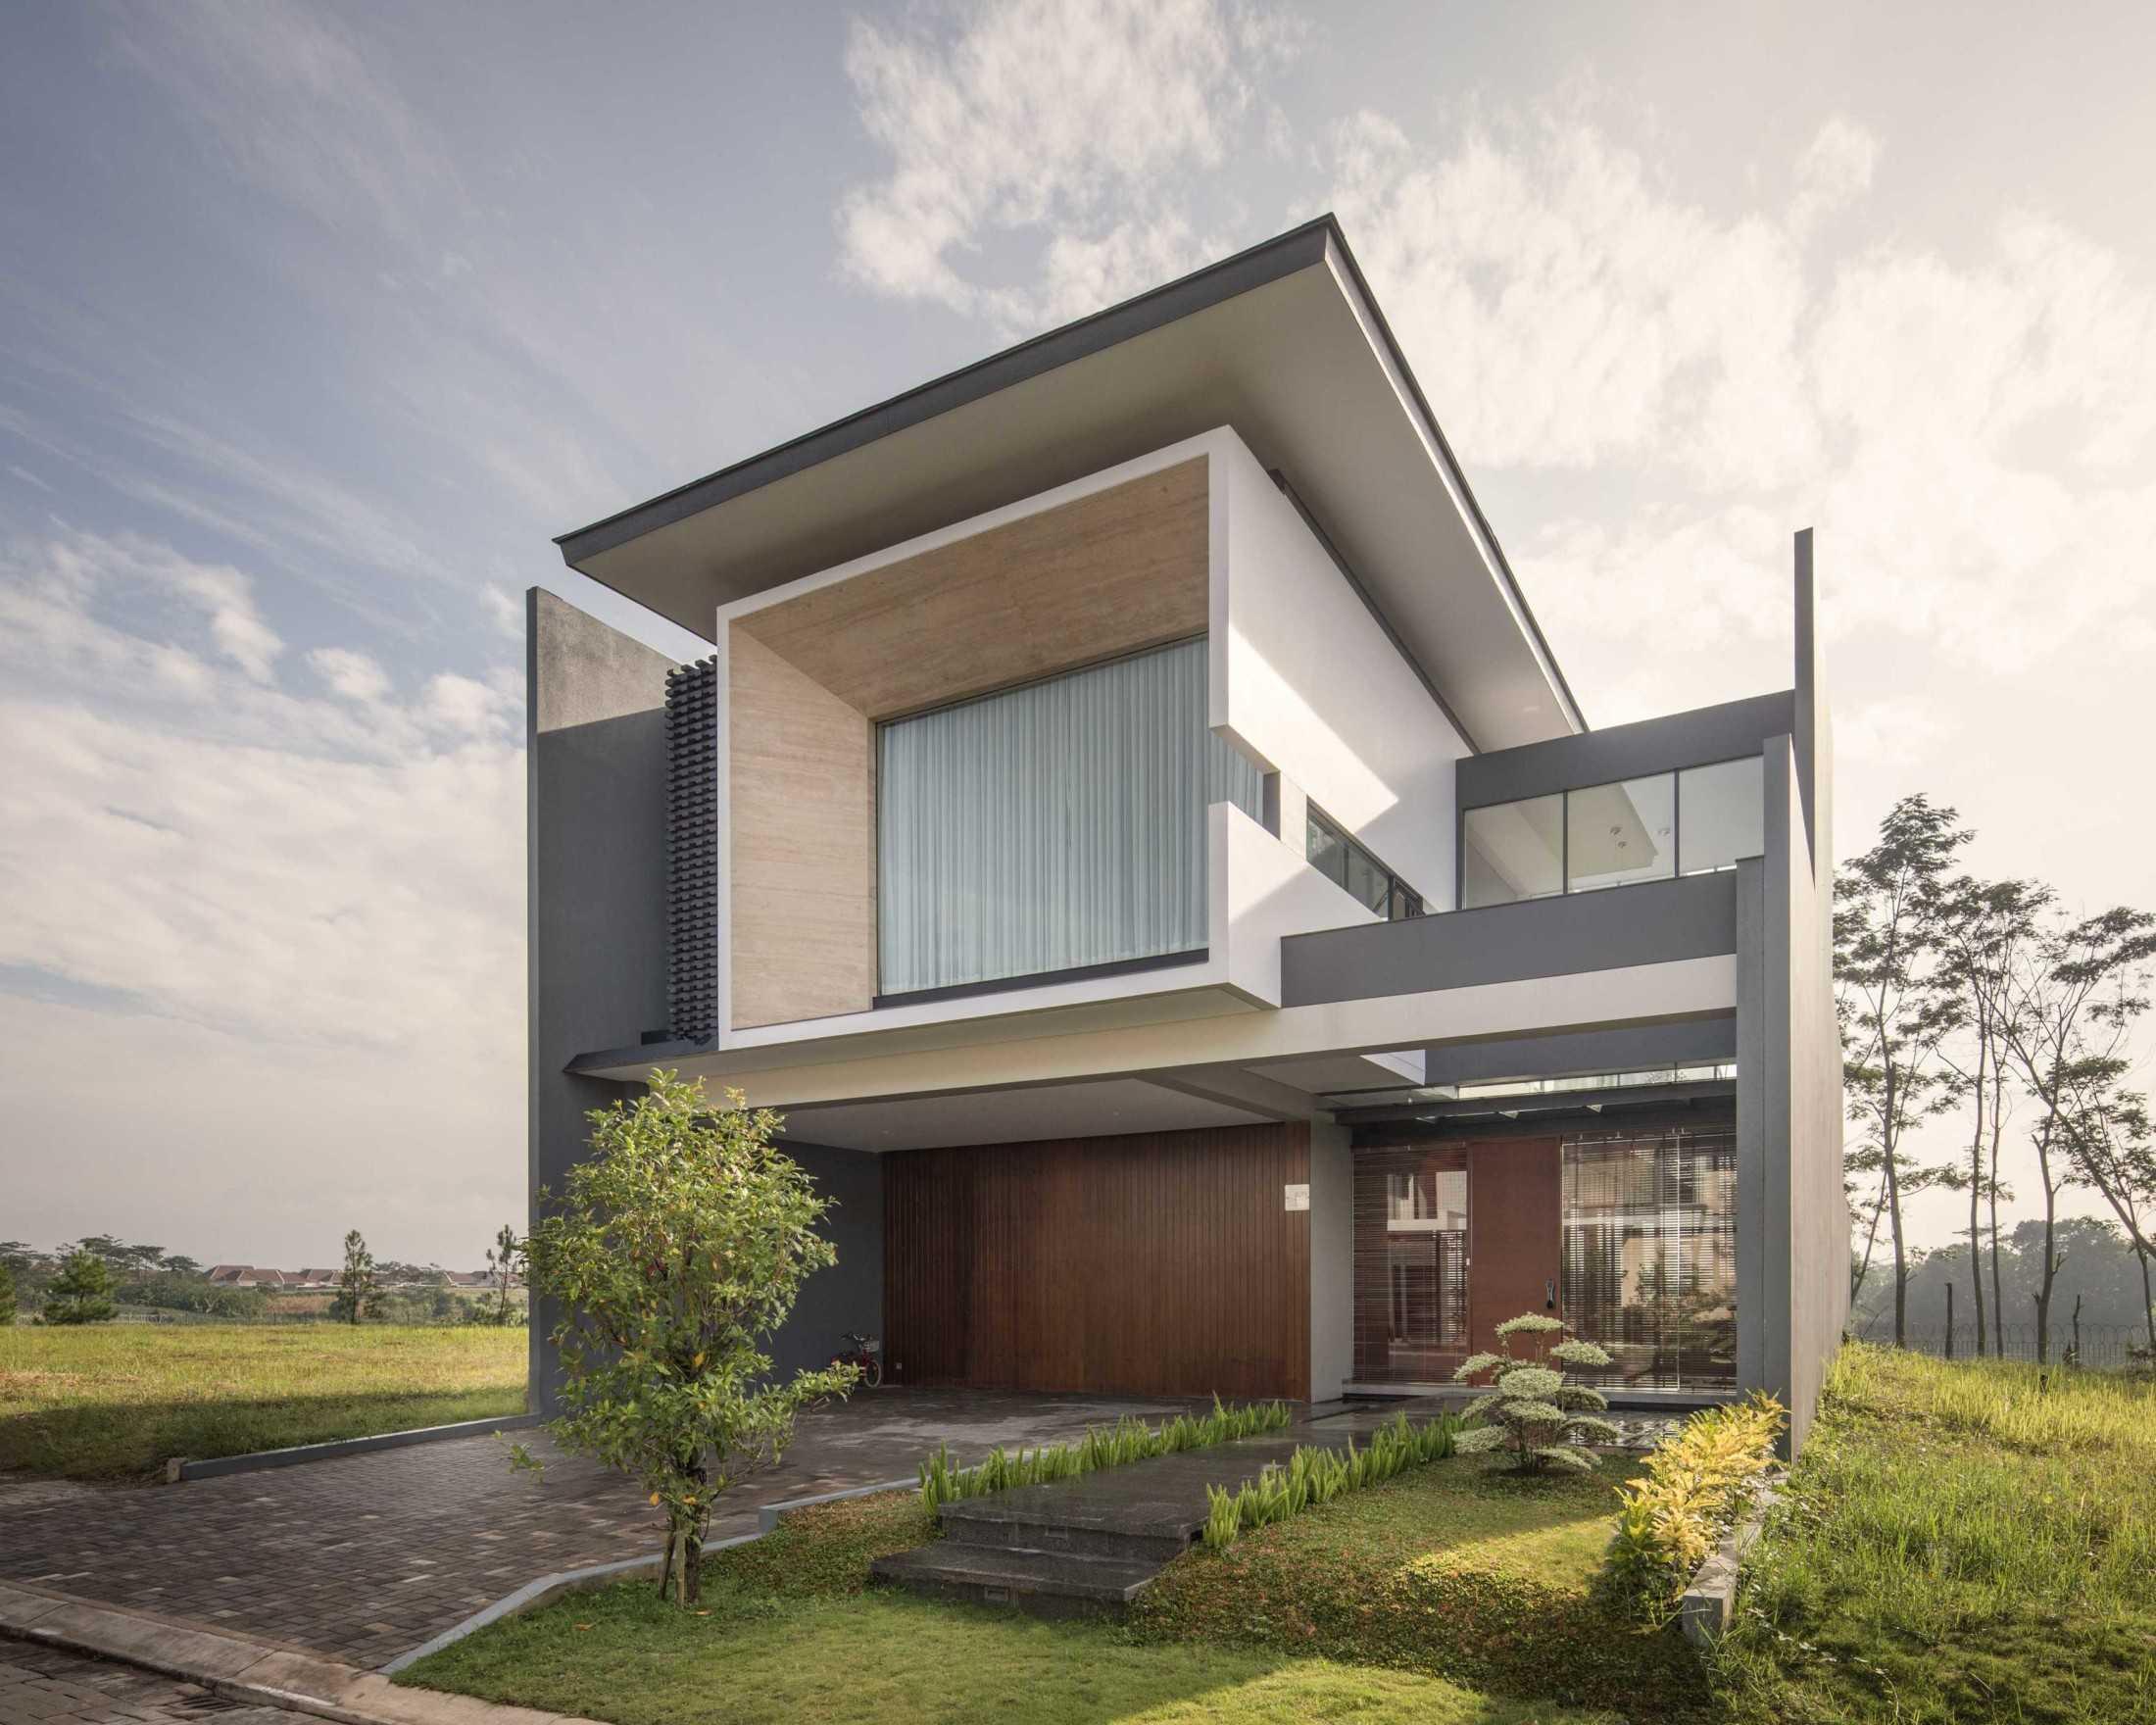 520 Gambar Rumah Semi Minimalis Modern Gratis Terbaik